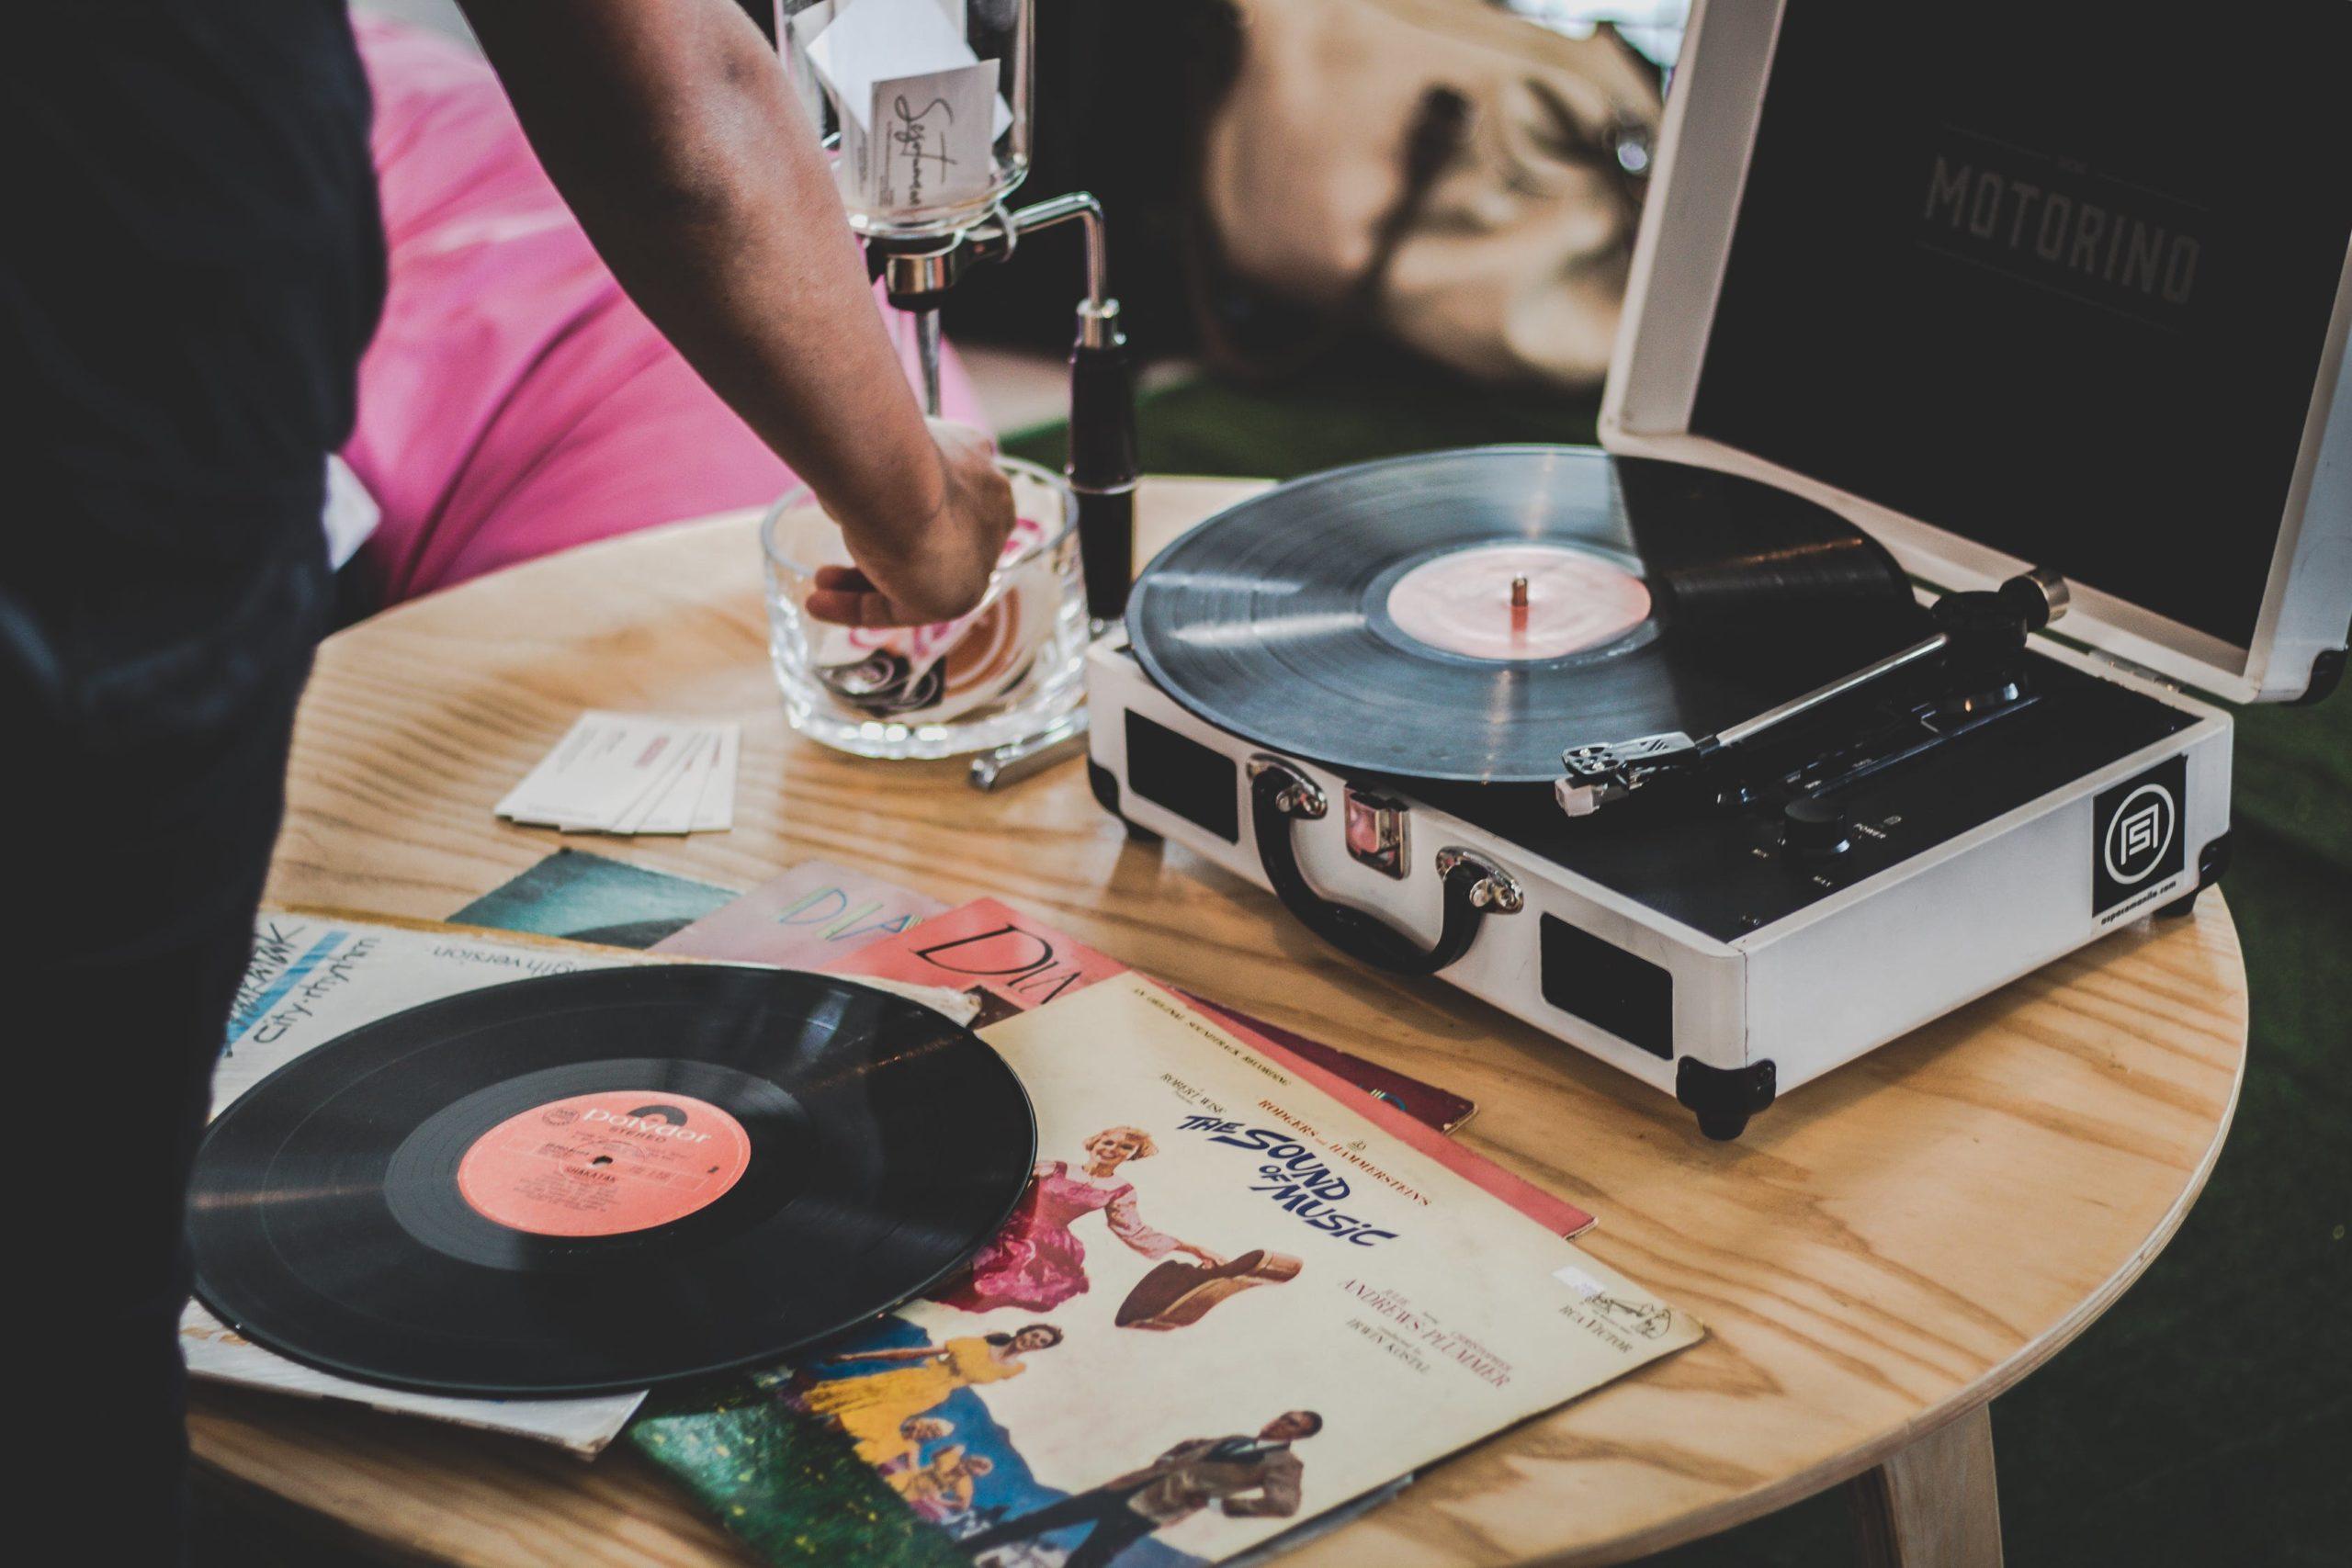 disque et édition cannes